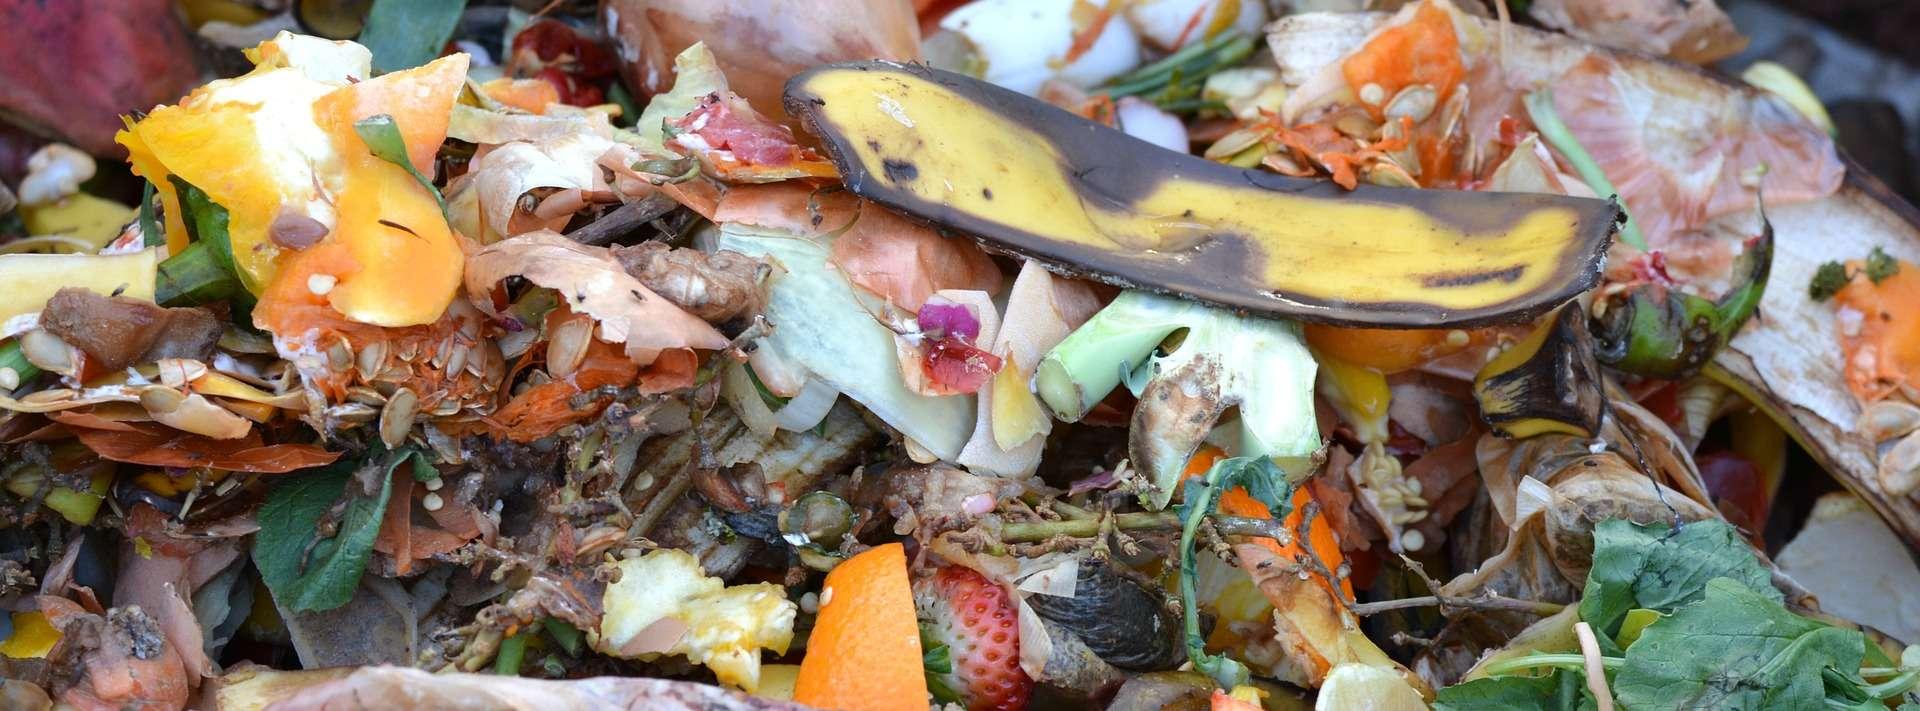 Con i rifiuti organici si può preparare compost per le nostre piante